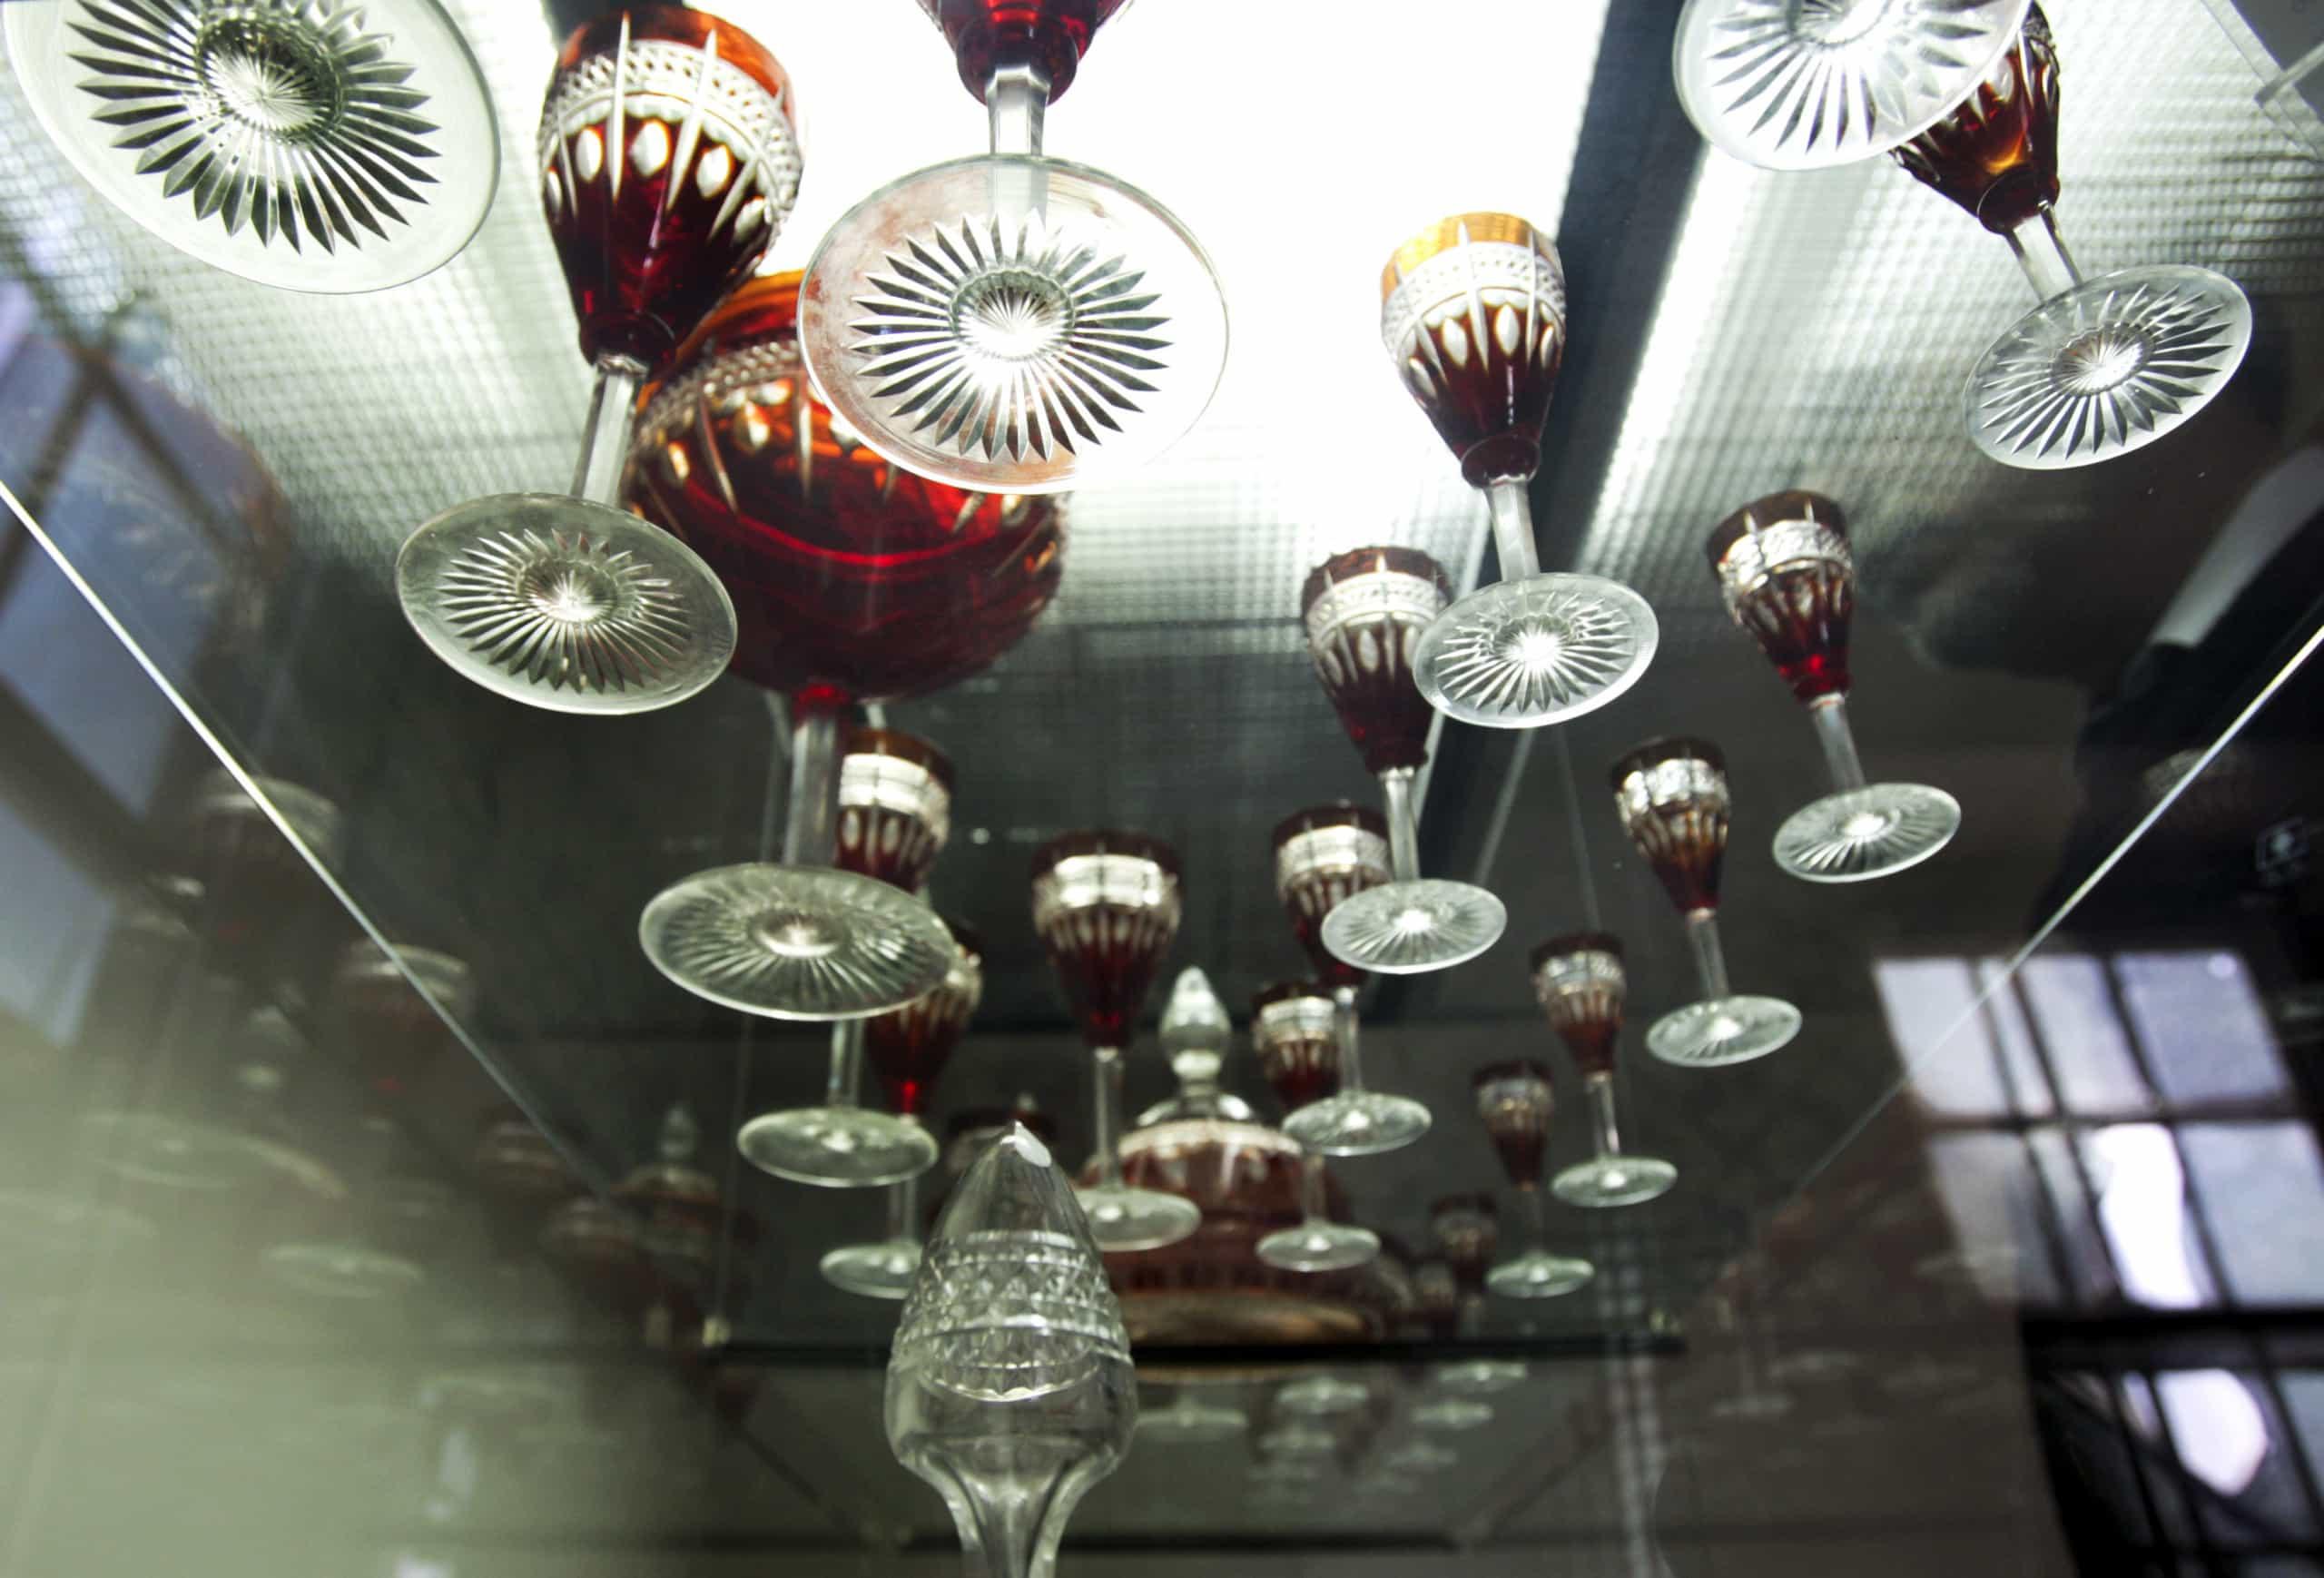 Museu do Vidro comemora 20 anos e convida a conhecer a arte vidreira